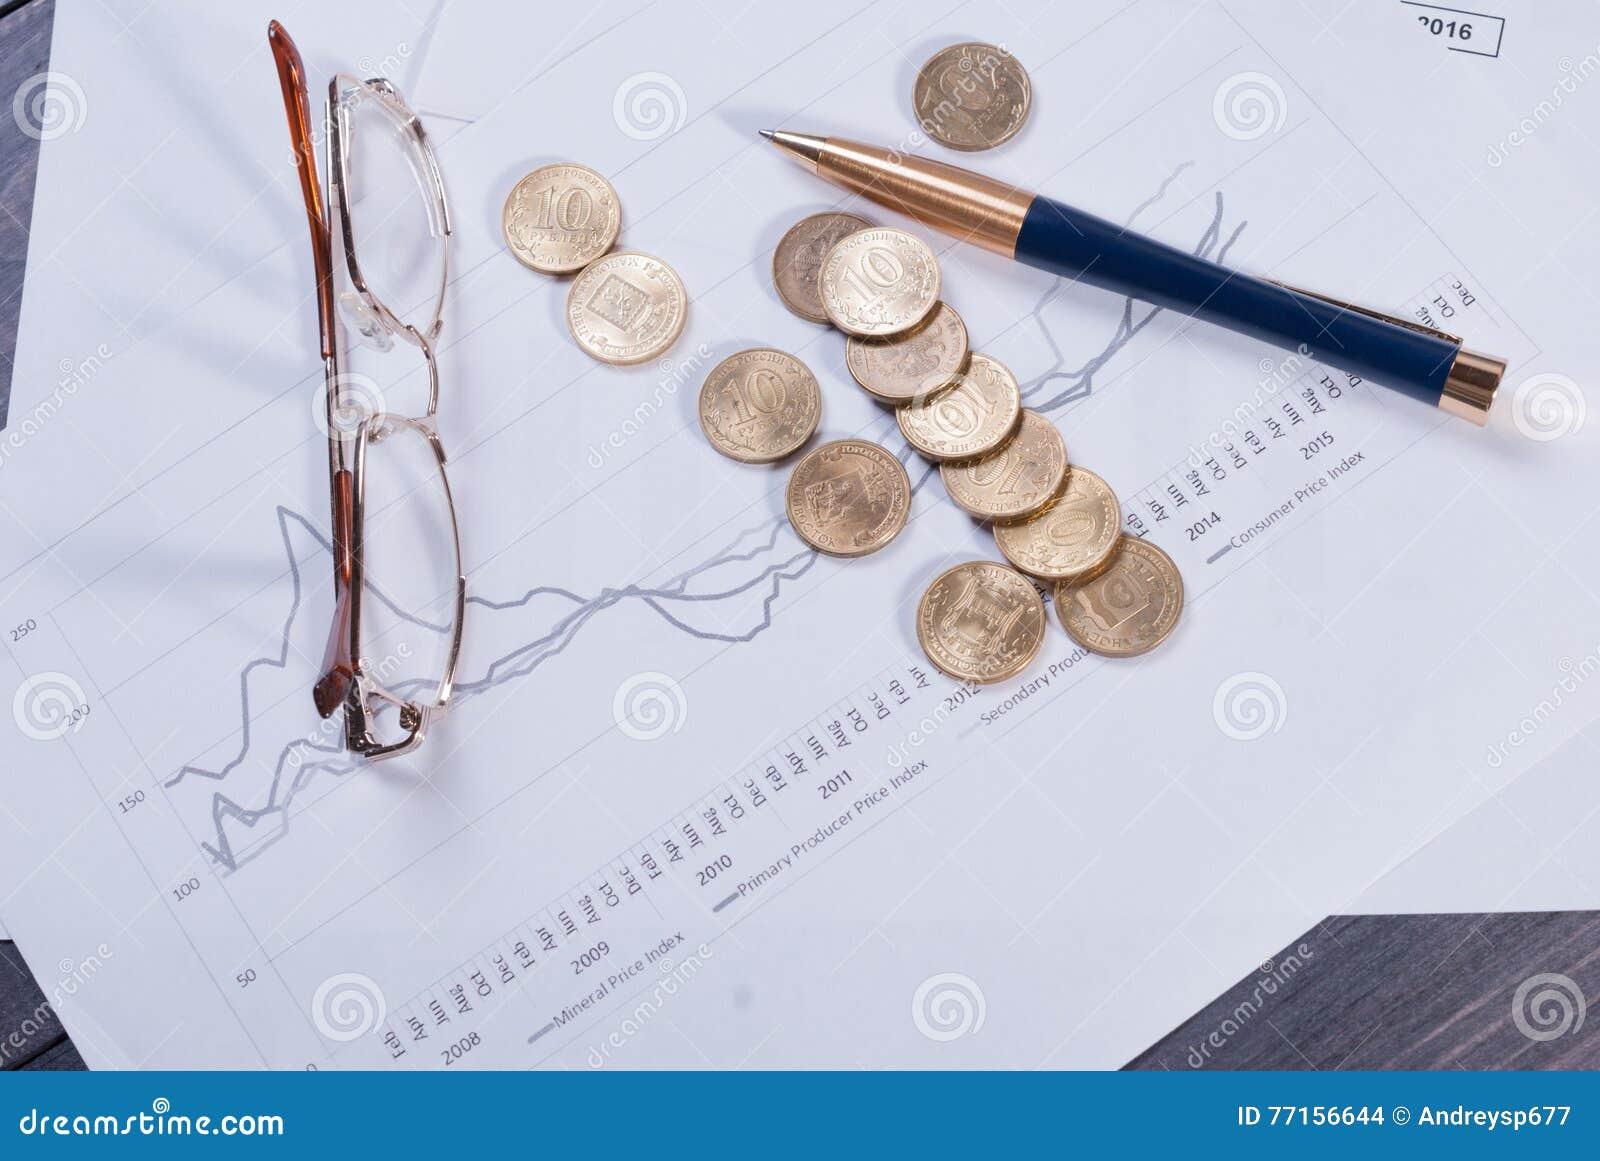 Se trouvant sur les verres financiers de diagrammes, le stylo et les pièces de monnaie dispersées